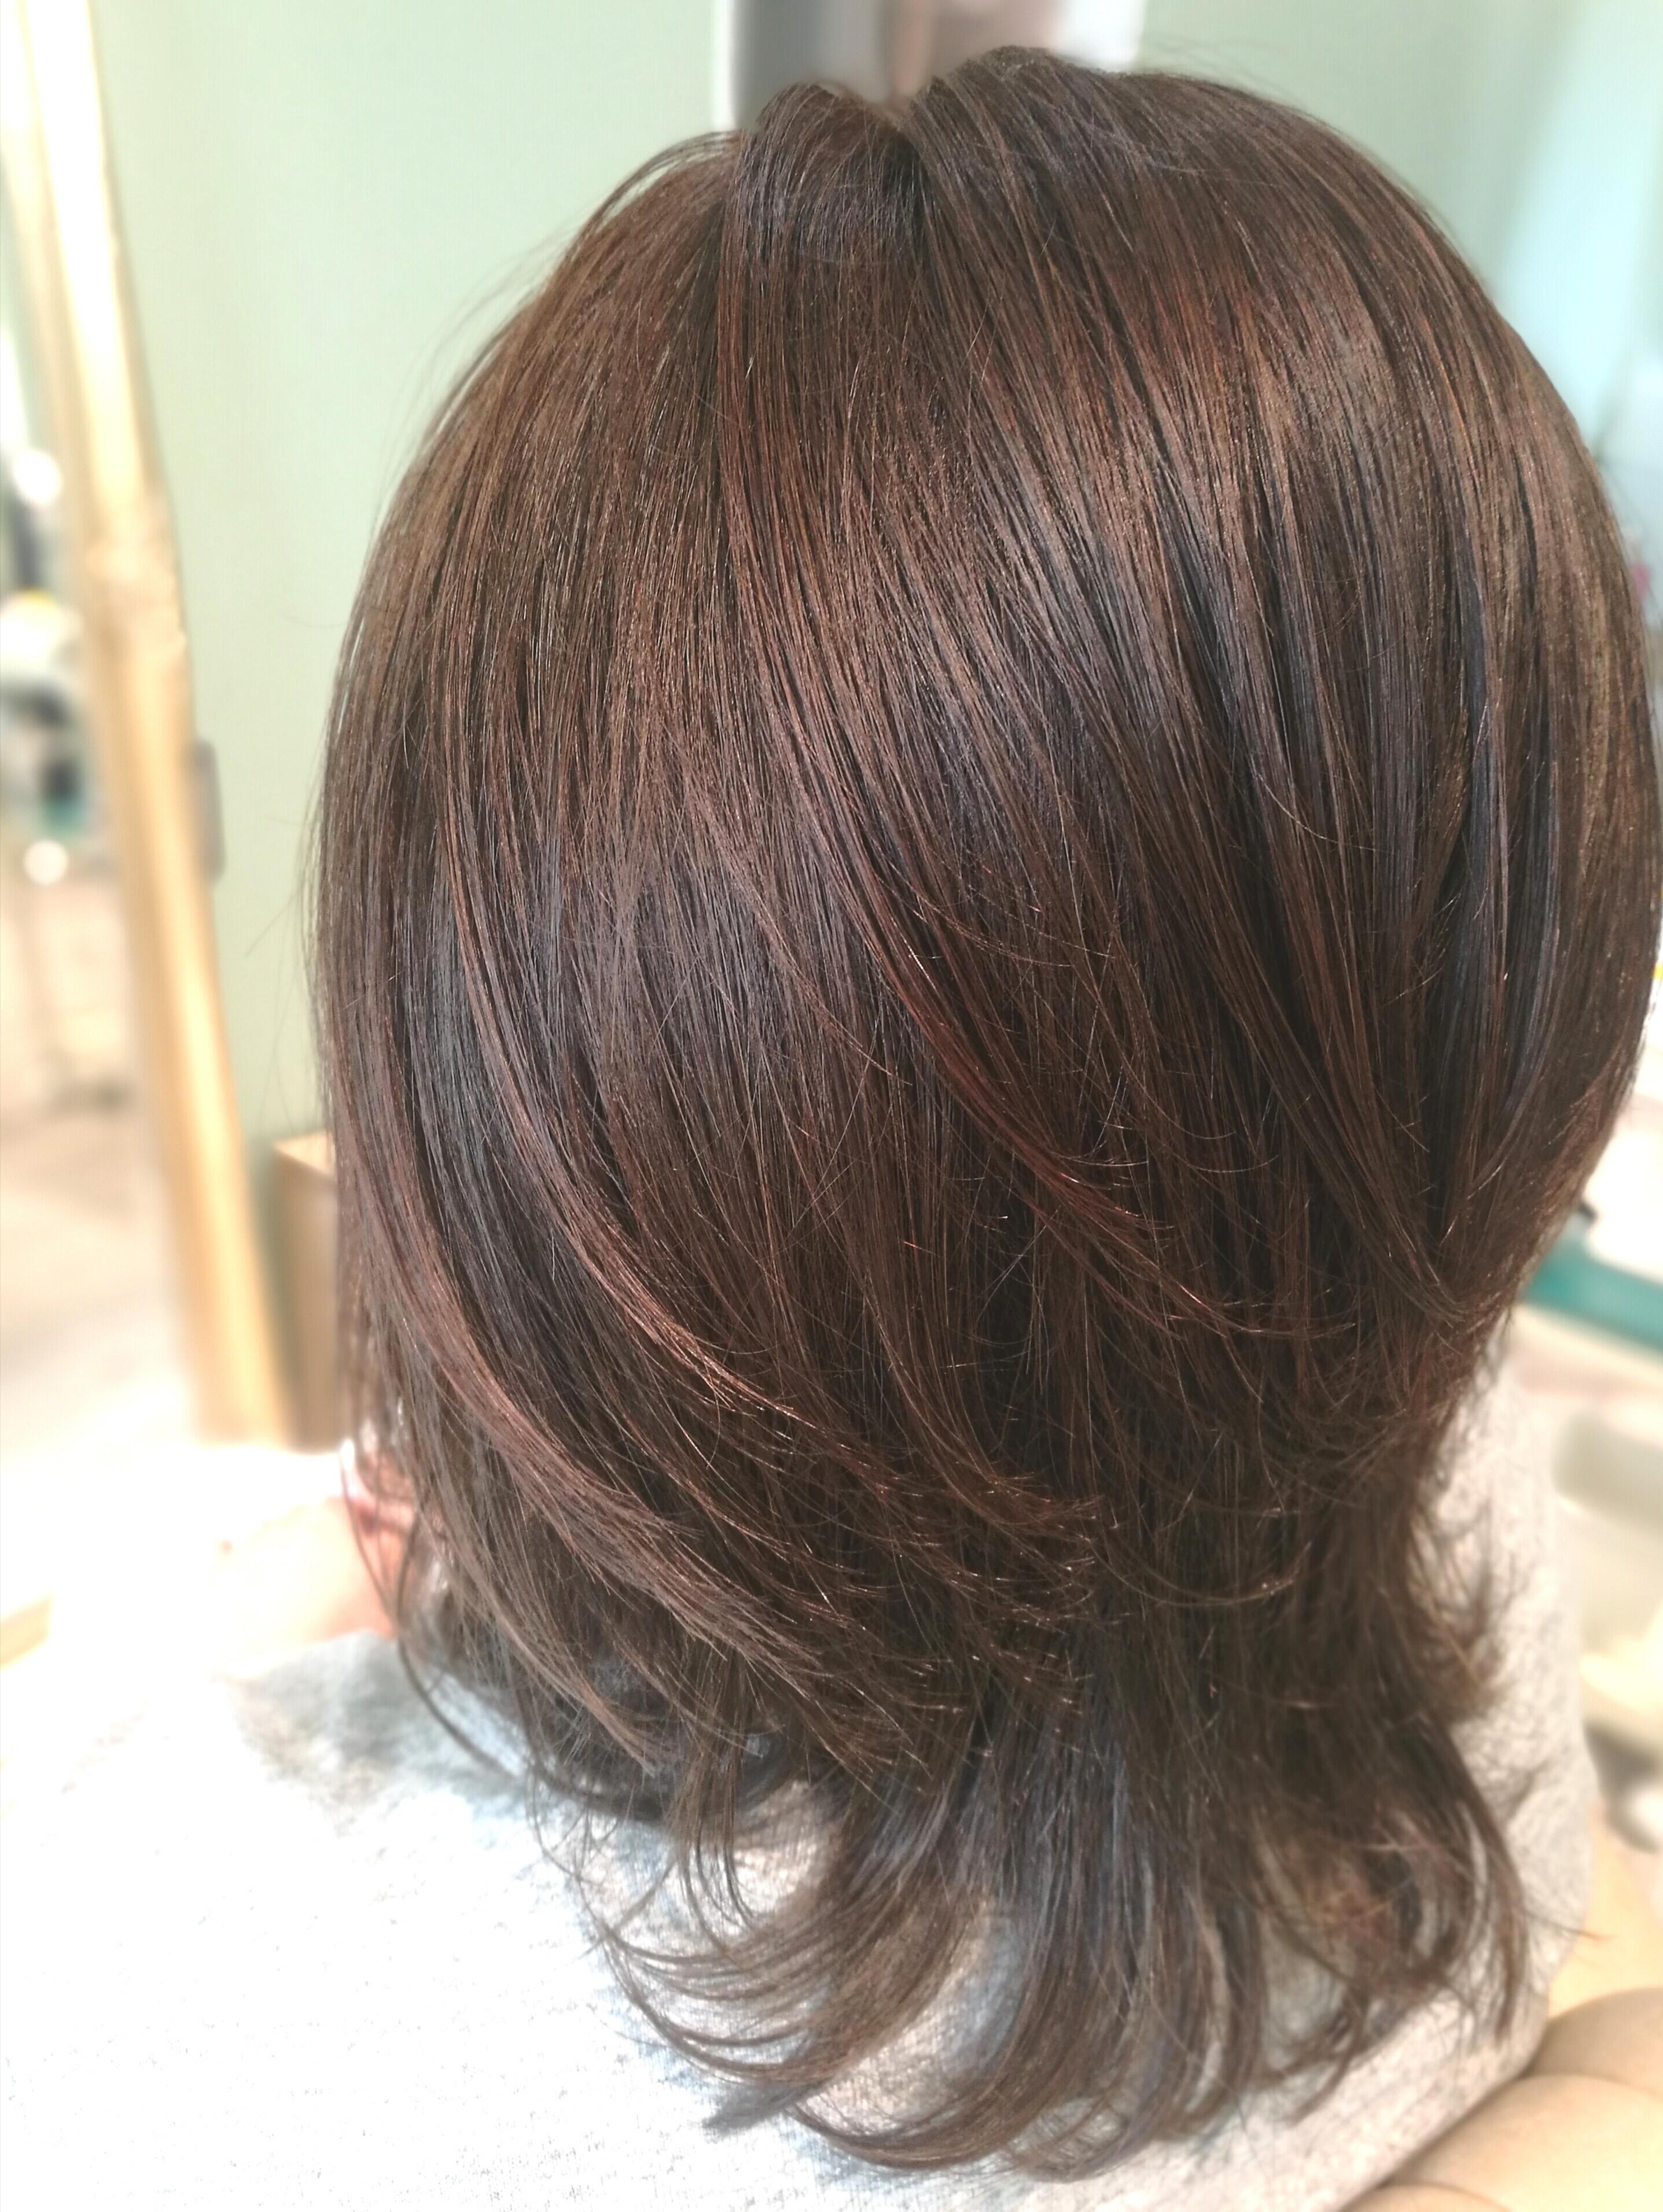 髪の毛を2倍輝かせる!紫外線を気にしないヘアカラーの選び方!